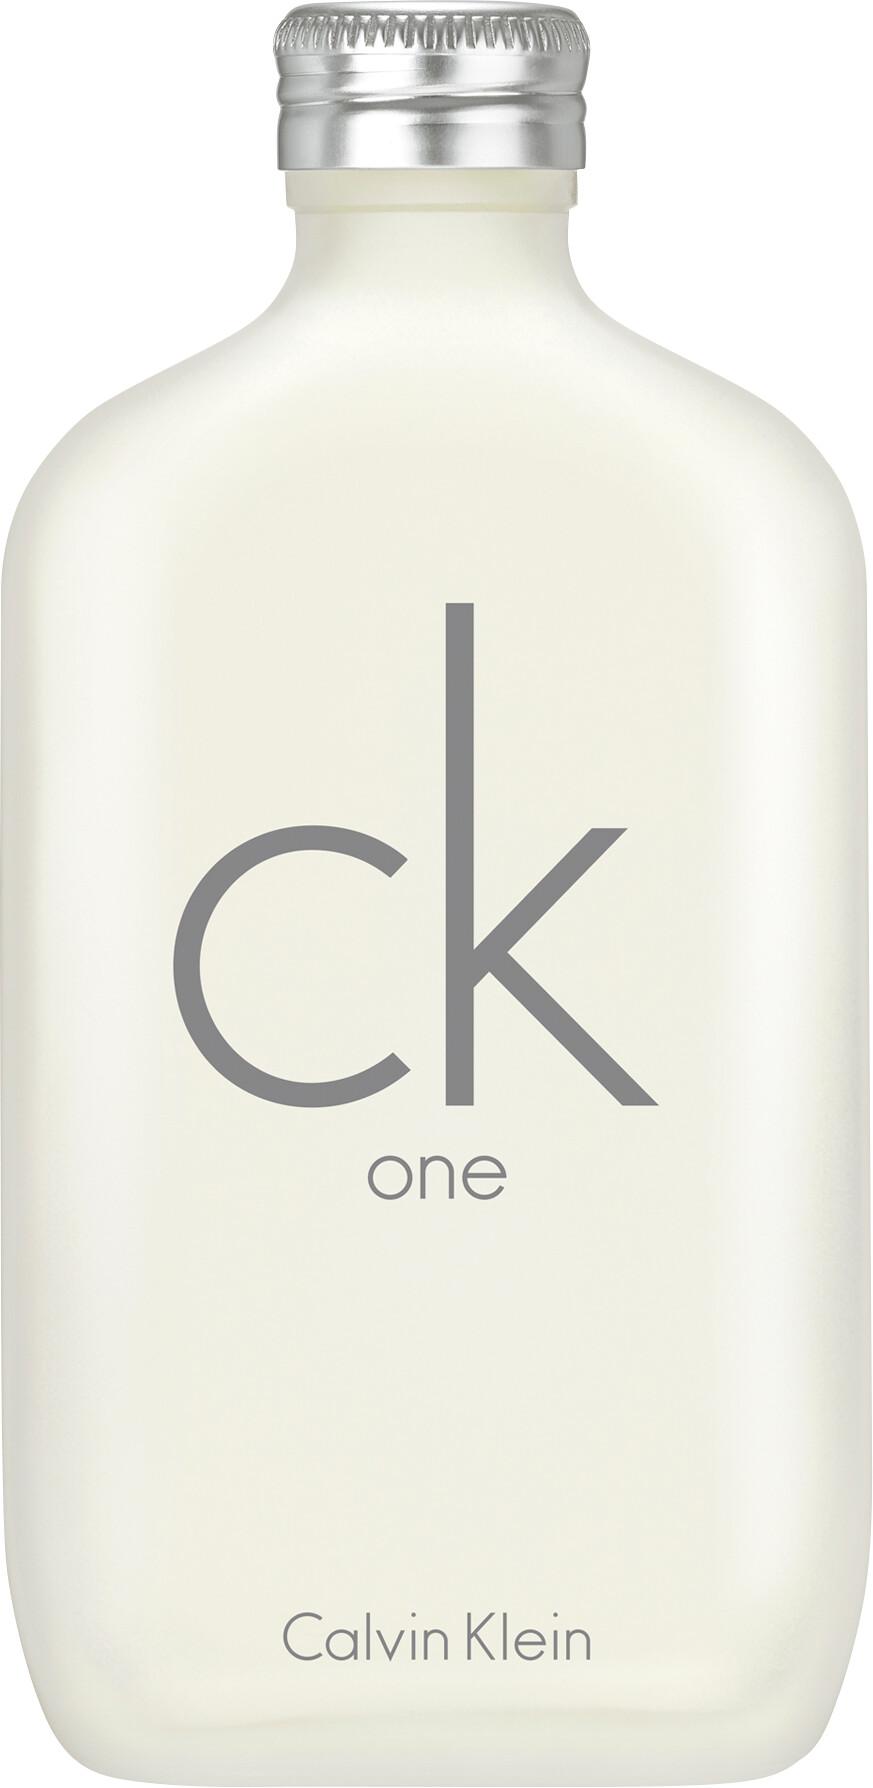 cc860f37db7f Calvin Klein CK One Eau de Toilette Spray 200ml ...